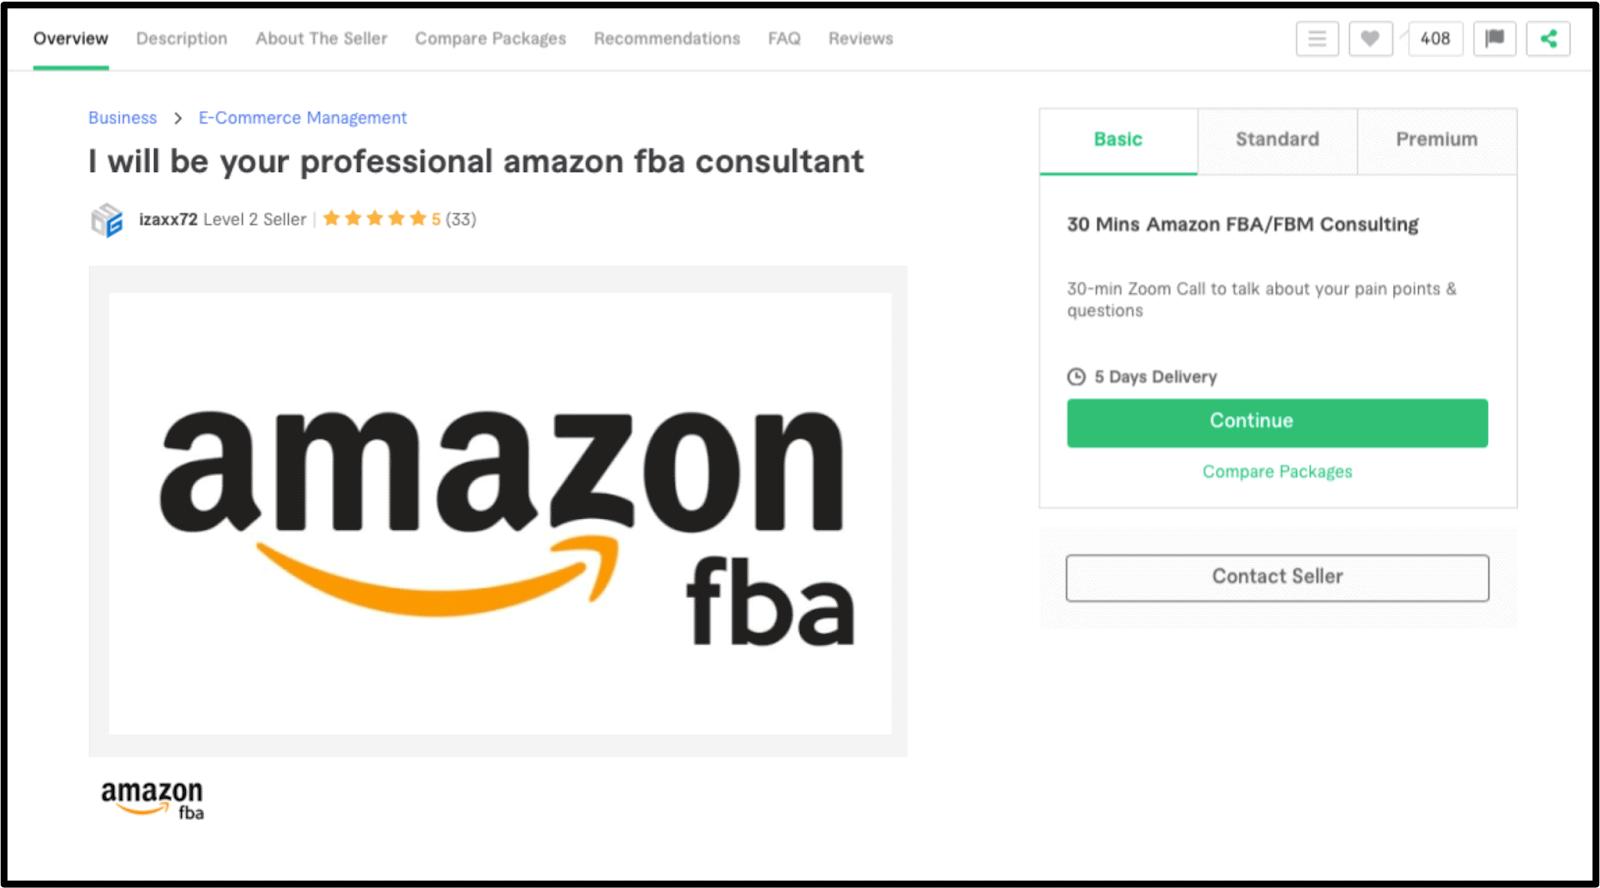 Amazon FBA Expert Izaxx72 Fiverr profile